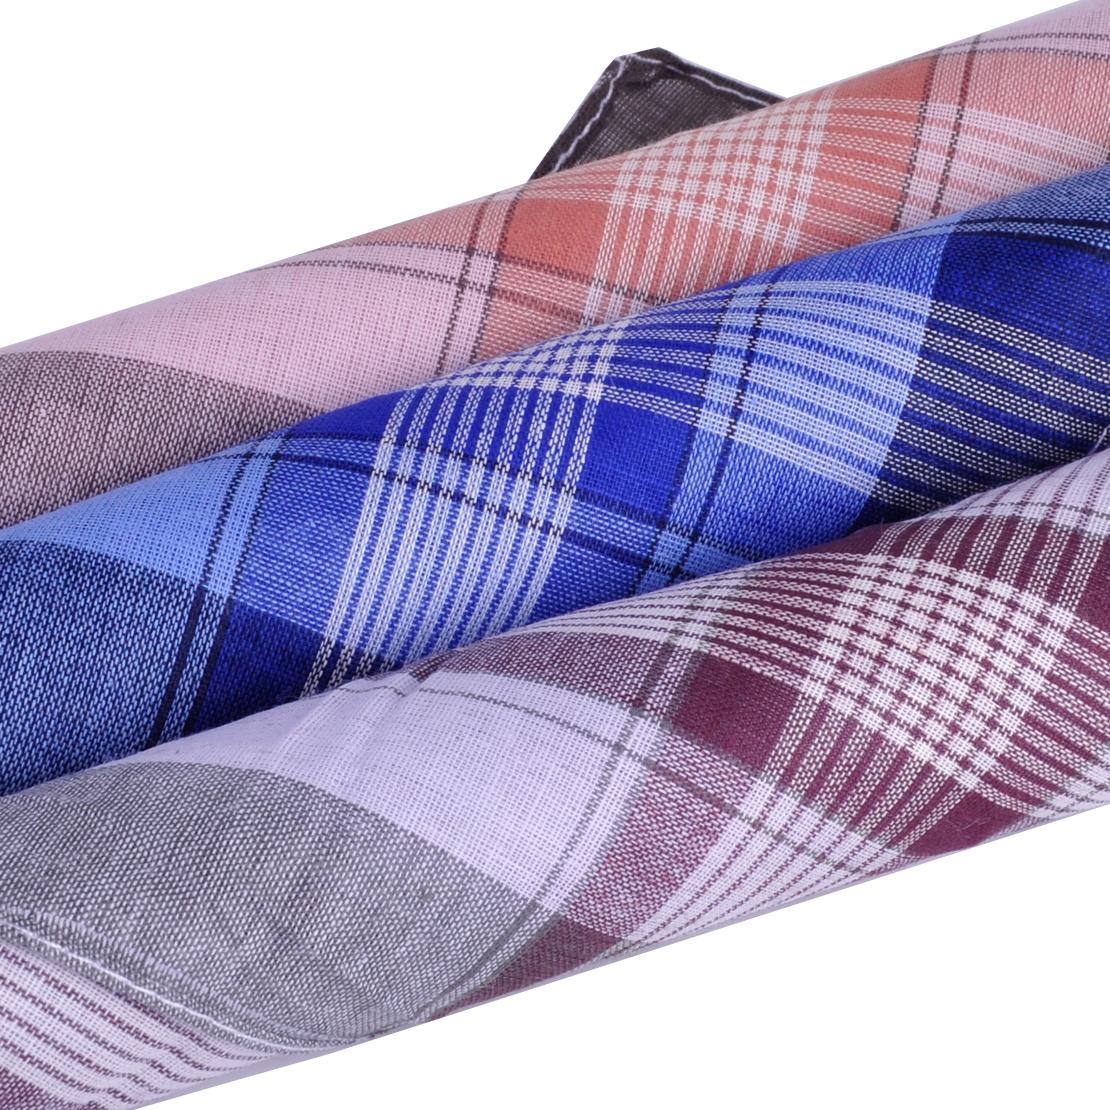 12x Taschentücher Stofftaschentücher Herren Anzug Taschentuch aus Baumwolle